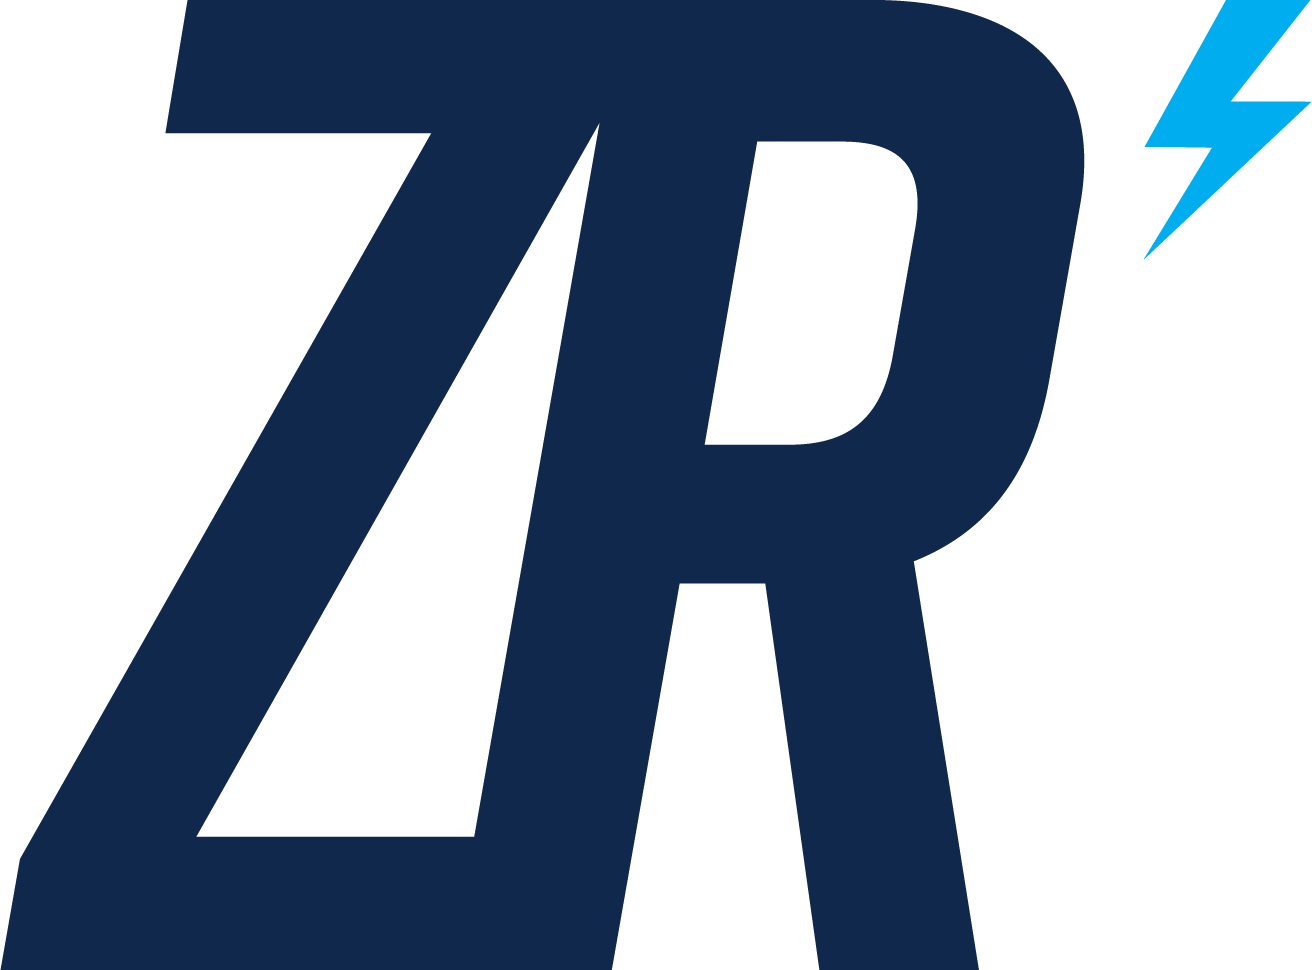 Zack Rueger